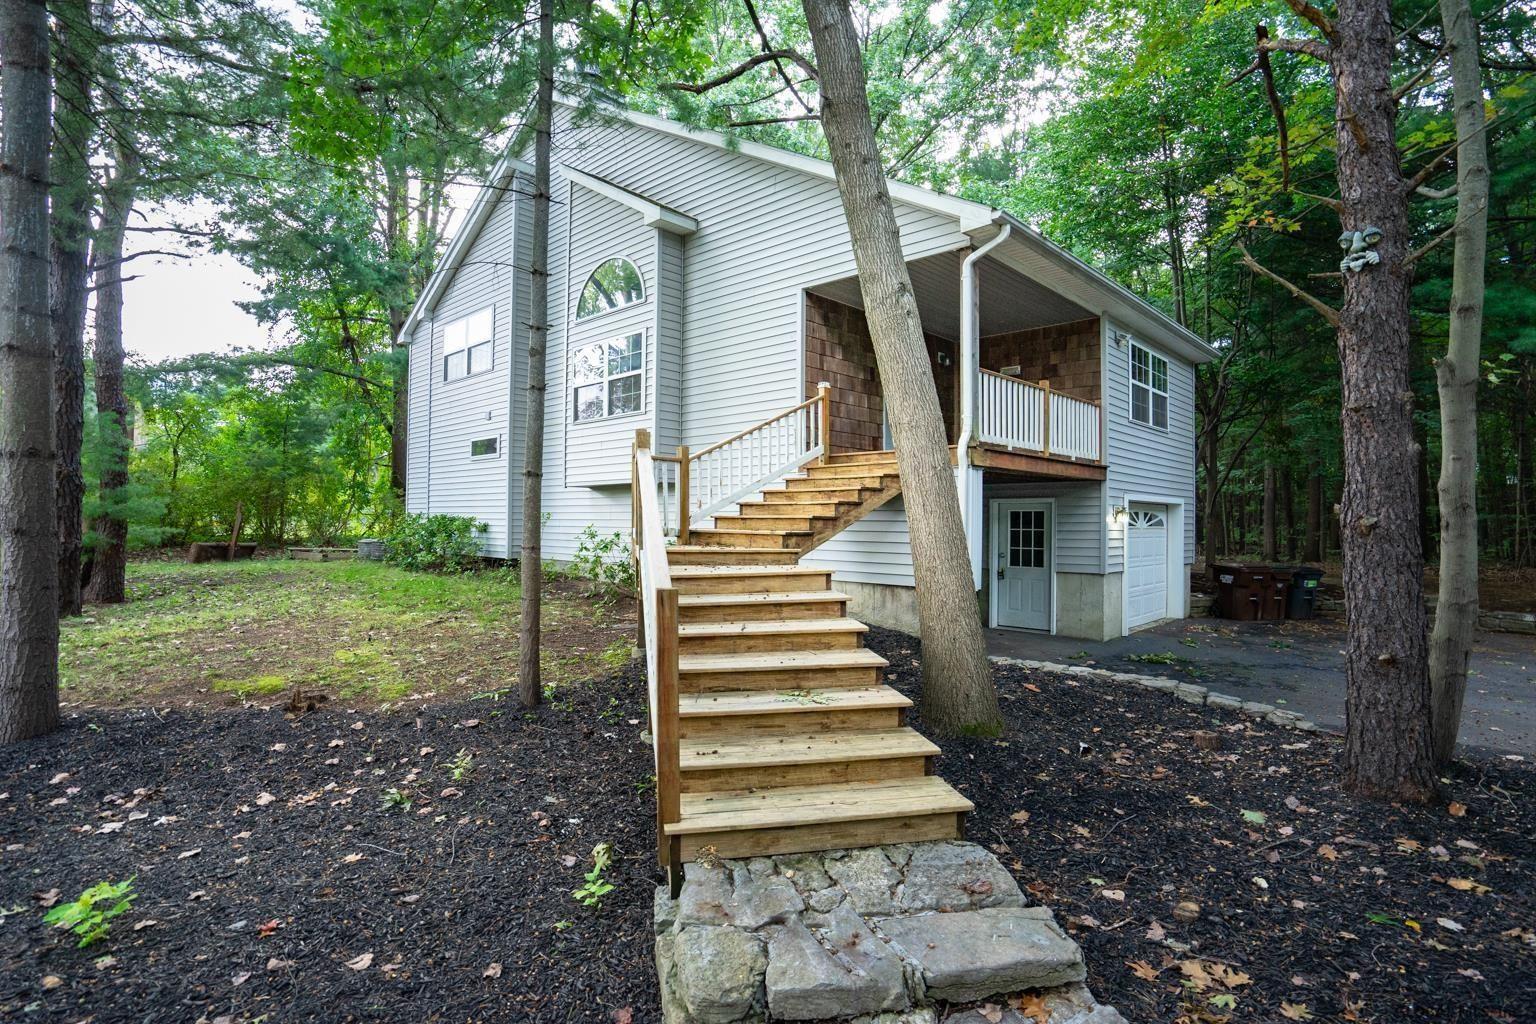 16 CAMP TER                                                                               Guilderland                                                                      , NY - $344,700